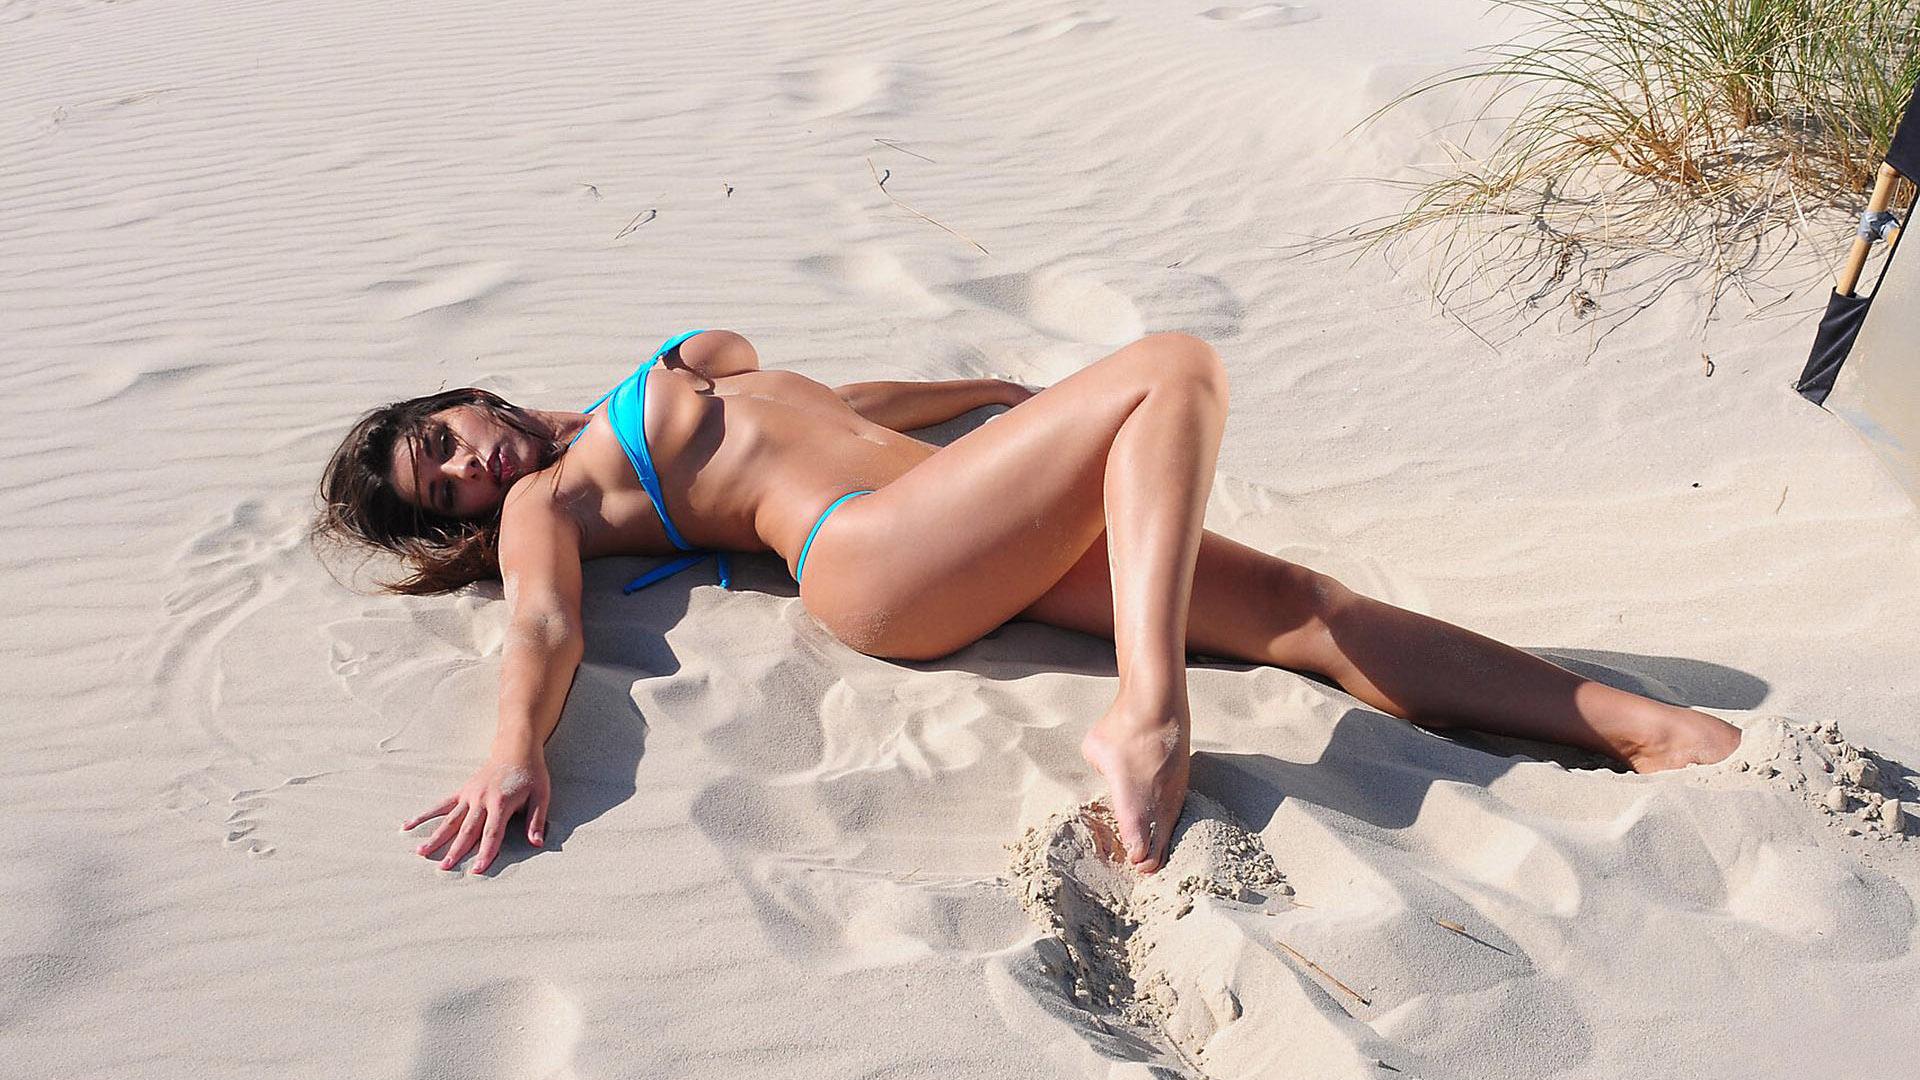 Смотреть грудастые девушки на пляже и с, Секс на пляже - подборка порно видео. Коллекция секс 5 фотография